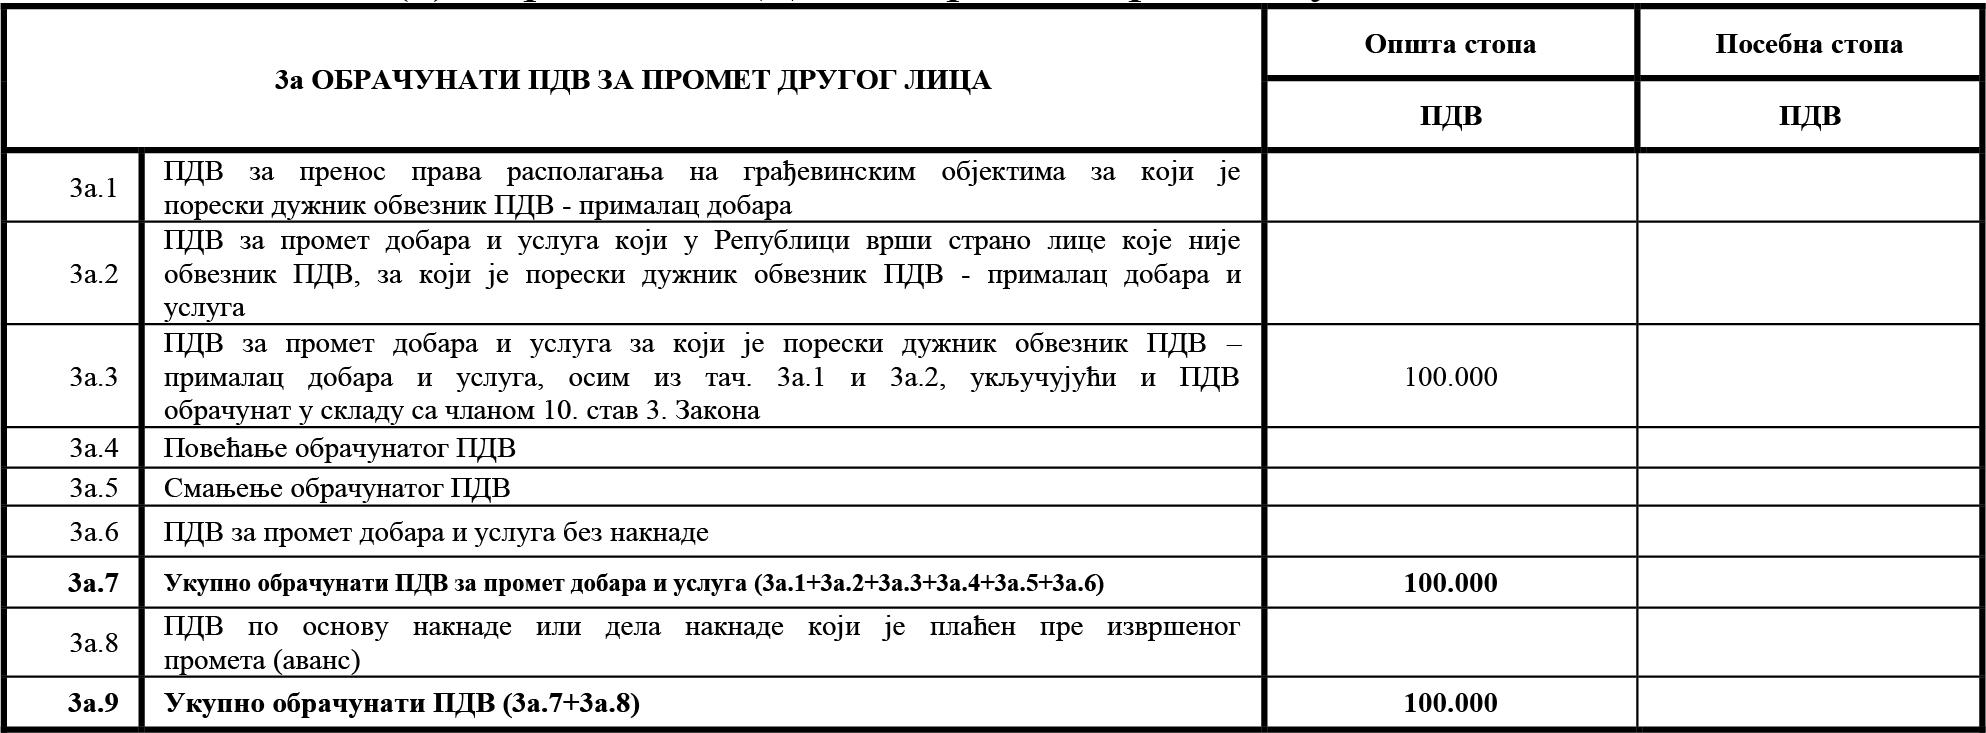 uputstvo PU obrazac POPDV primer 76 - 2